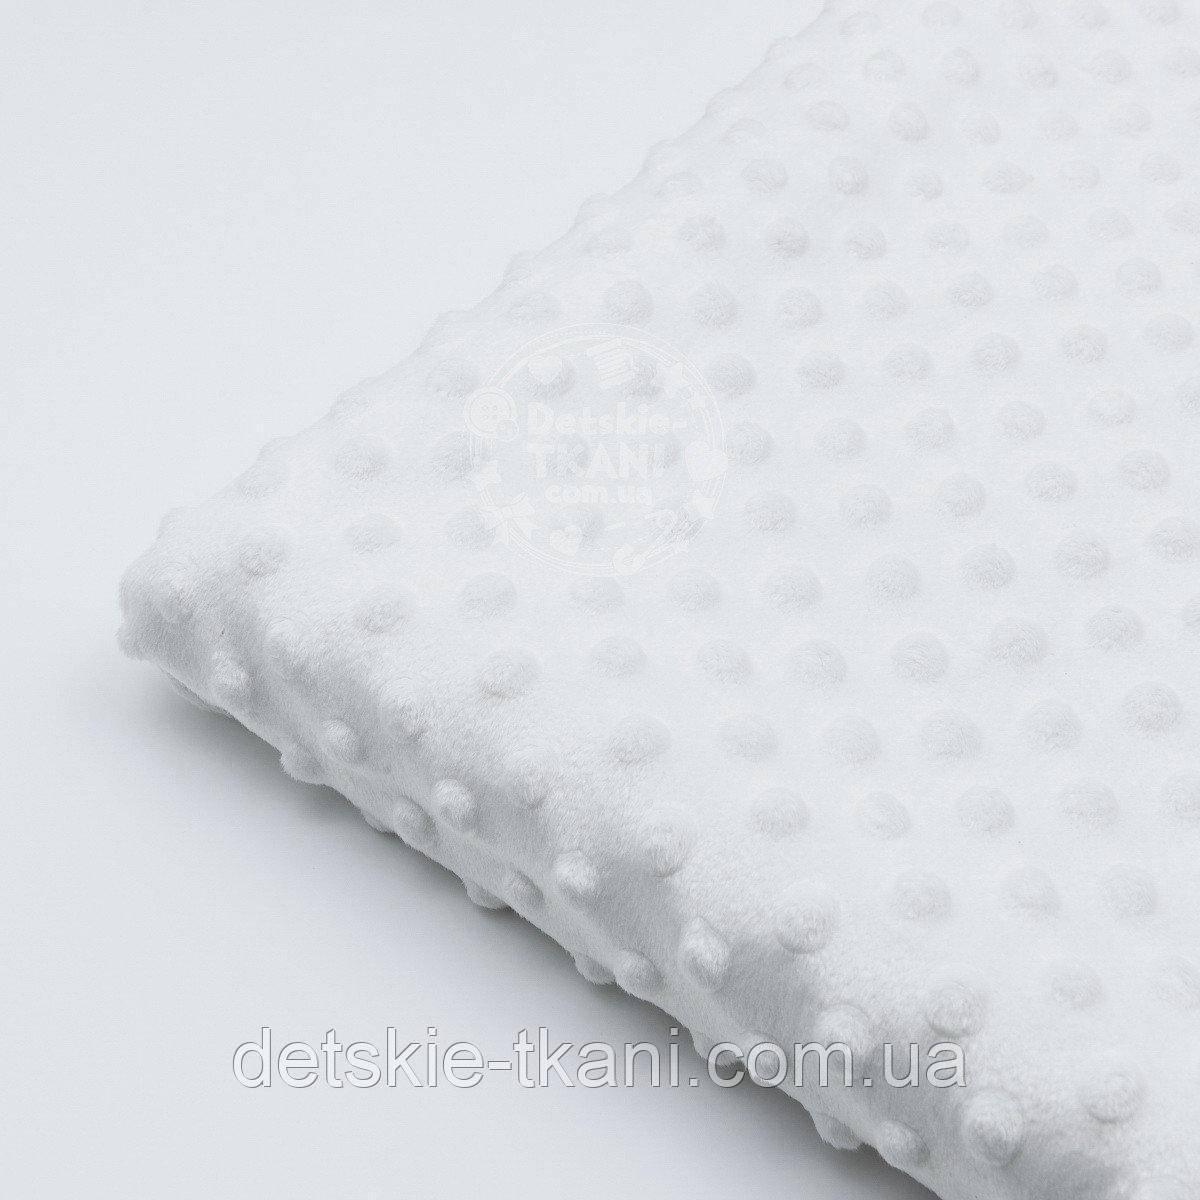 Два лоскута М-10плюша минки белого цвета, размер 70*80, 40*65 см (есть загрязнение)